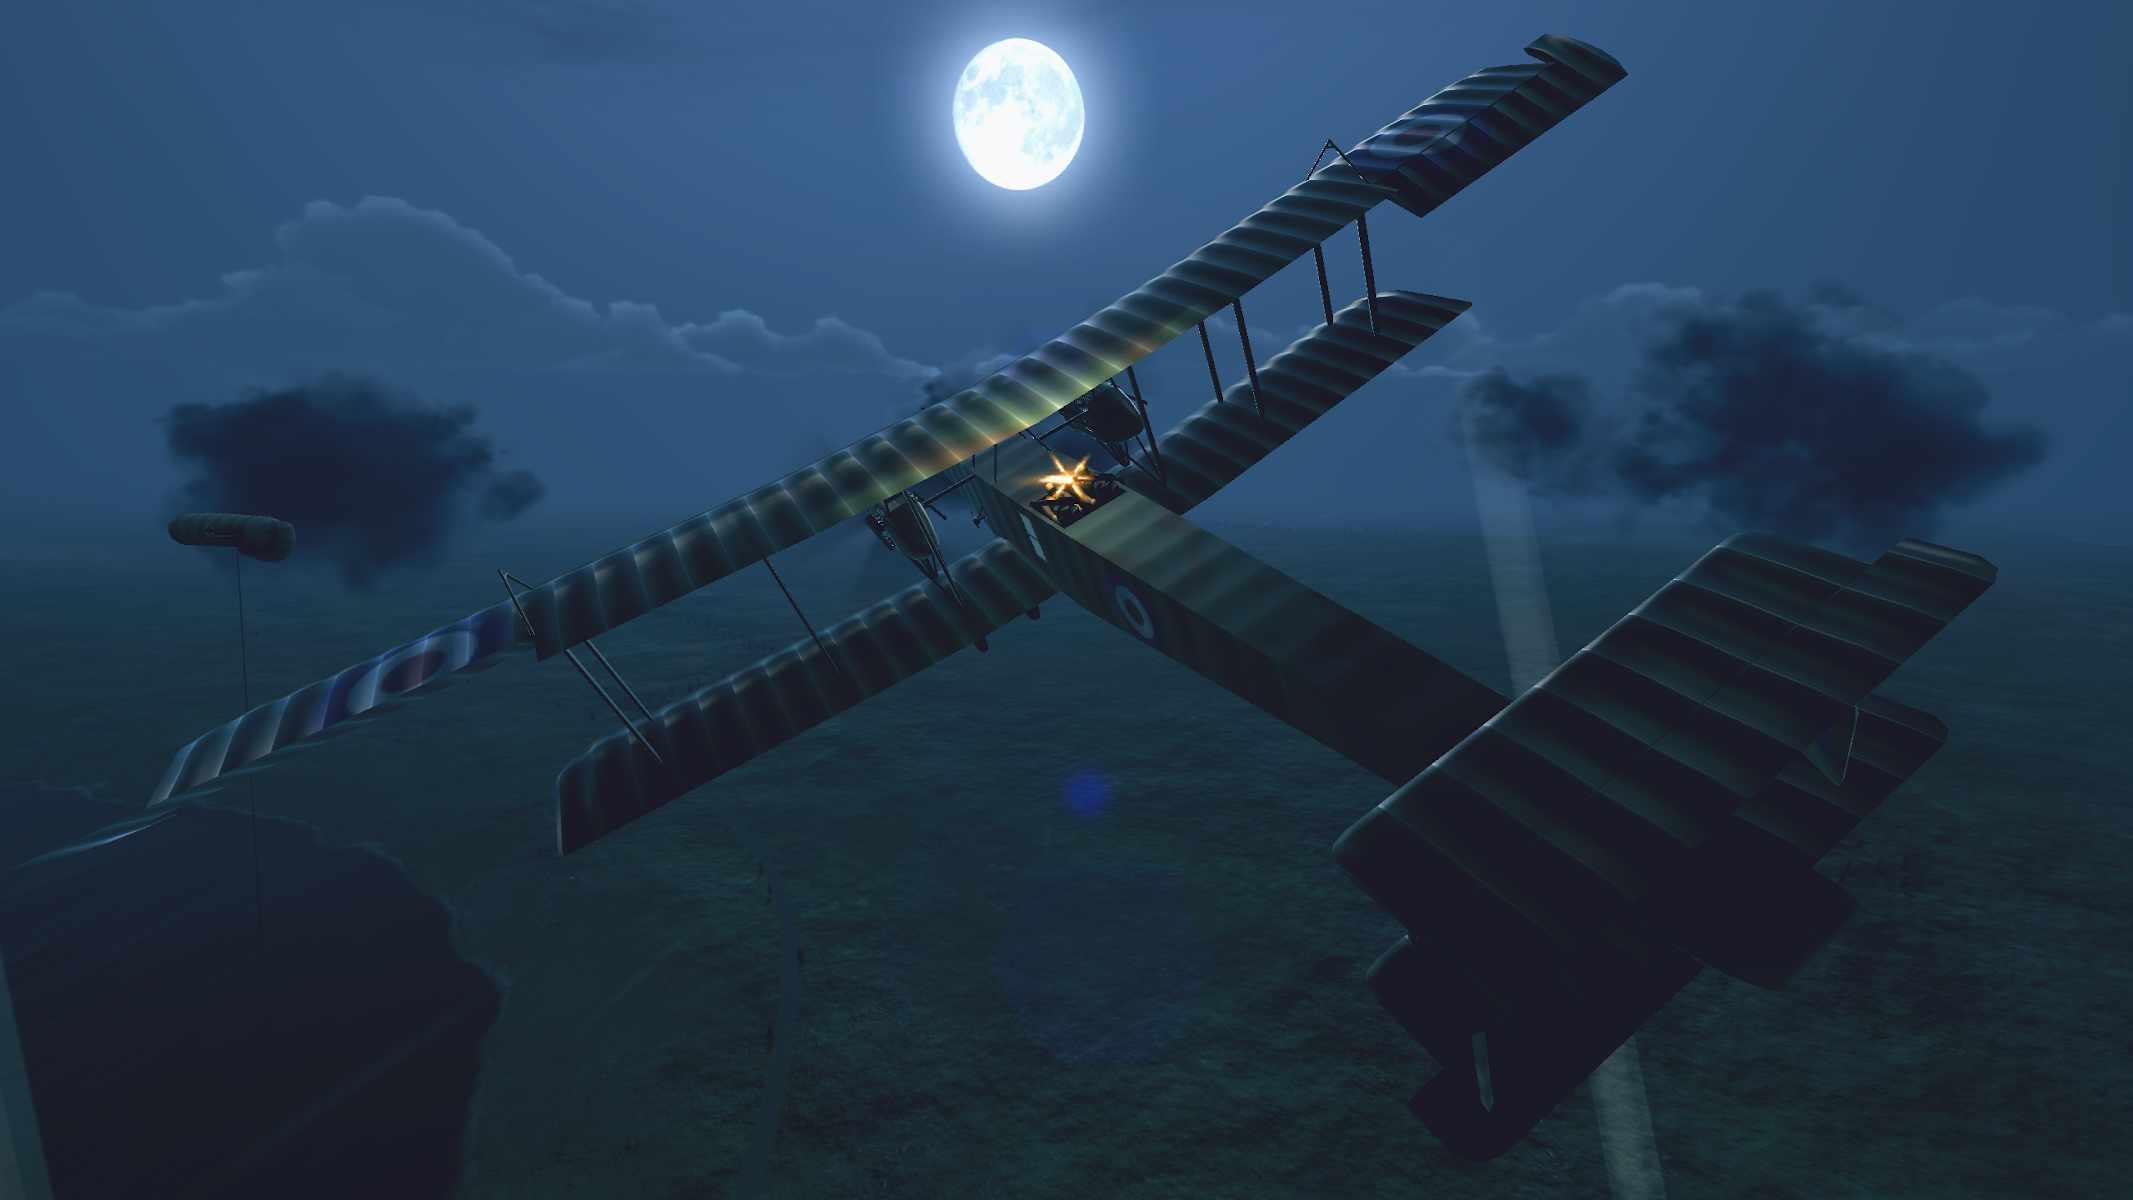 دانلود Warplanes: WW1 Sky Aces 1.3 – بازی اکشن هواپیماهای جنگی اندروید